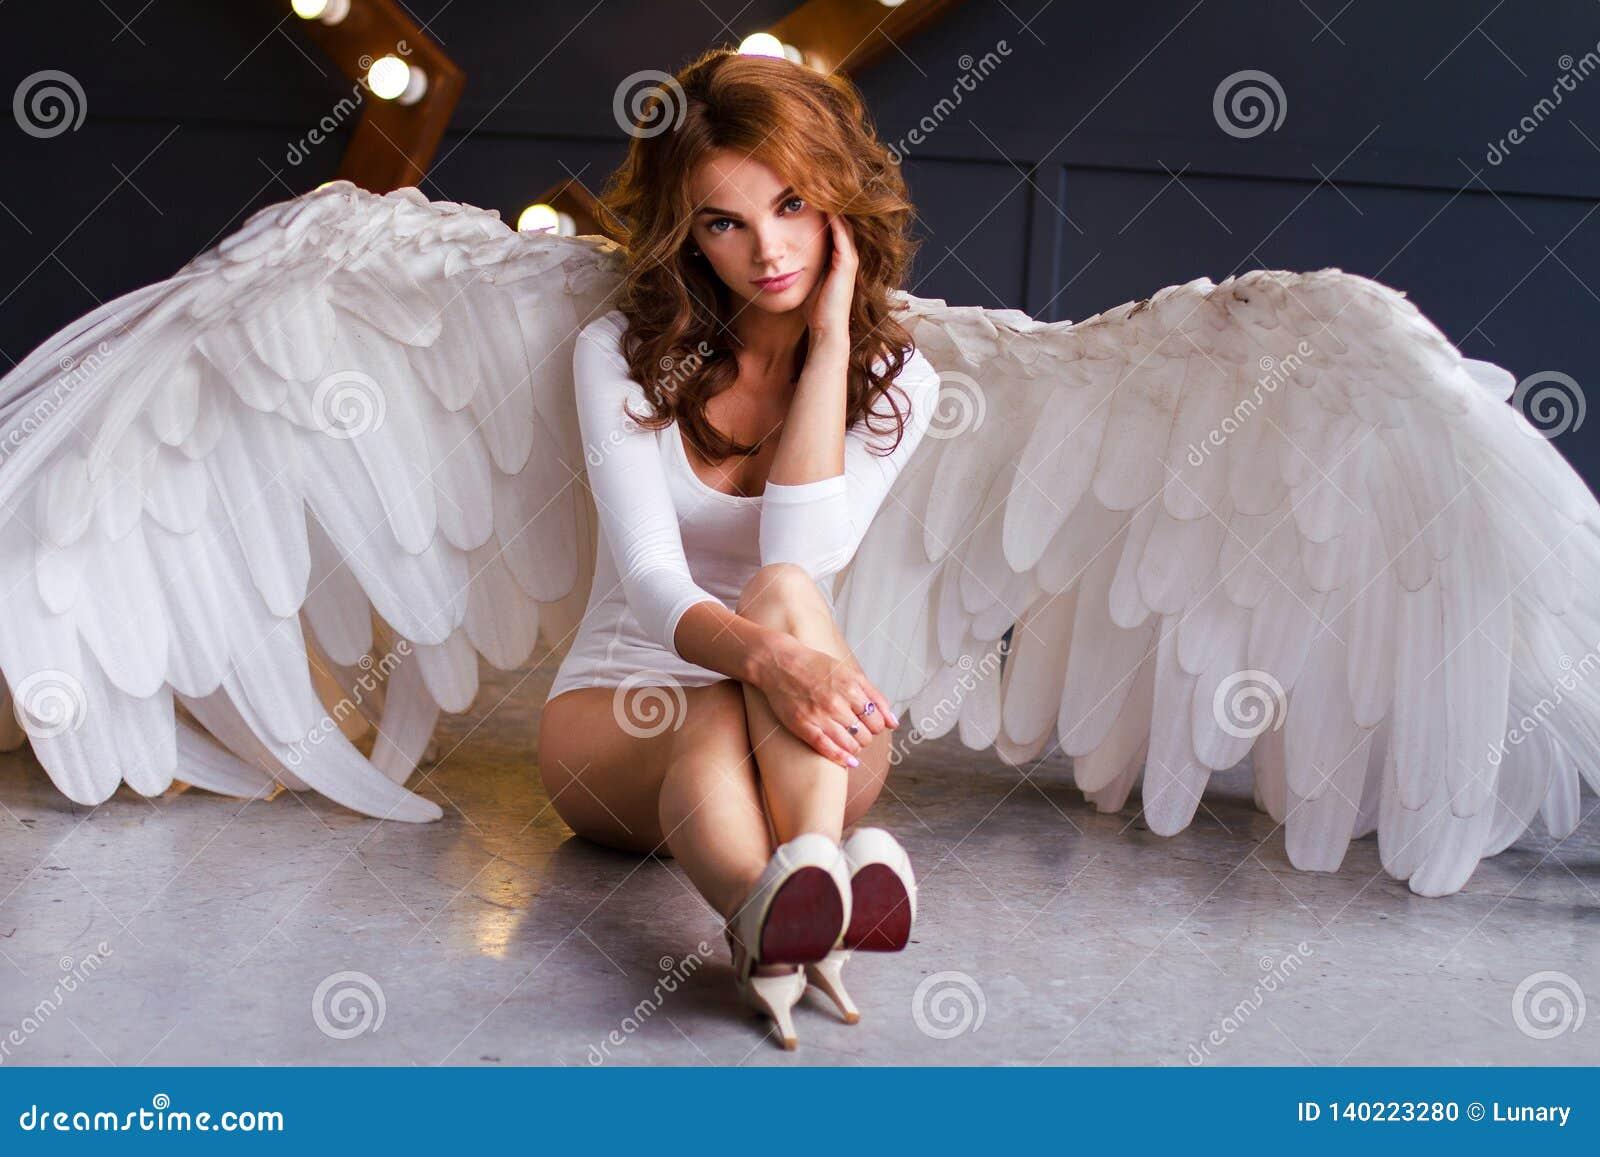 Νέα γυναίκα στο άσπρο κομπινεζόν με τα φτερά αγγέλου